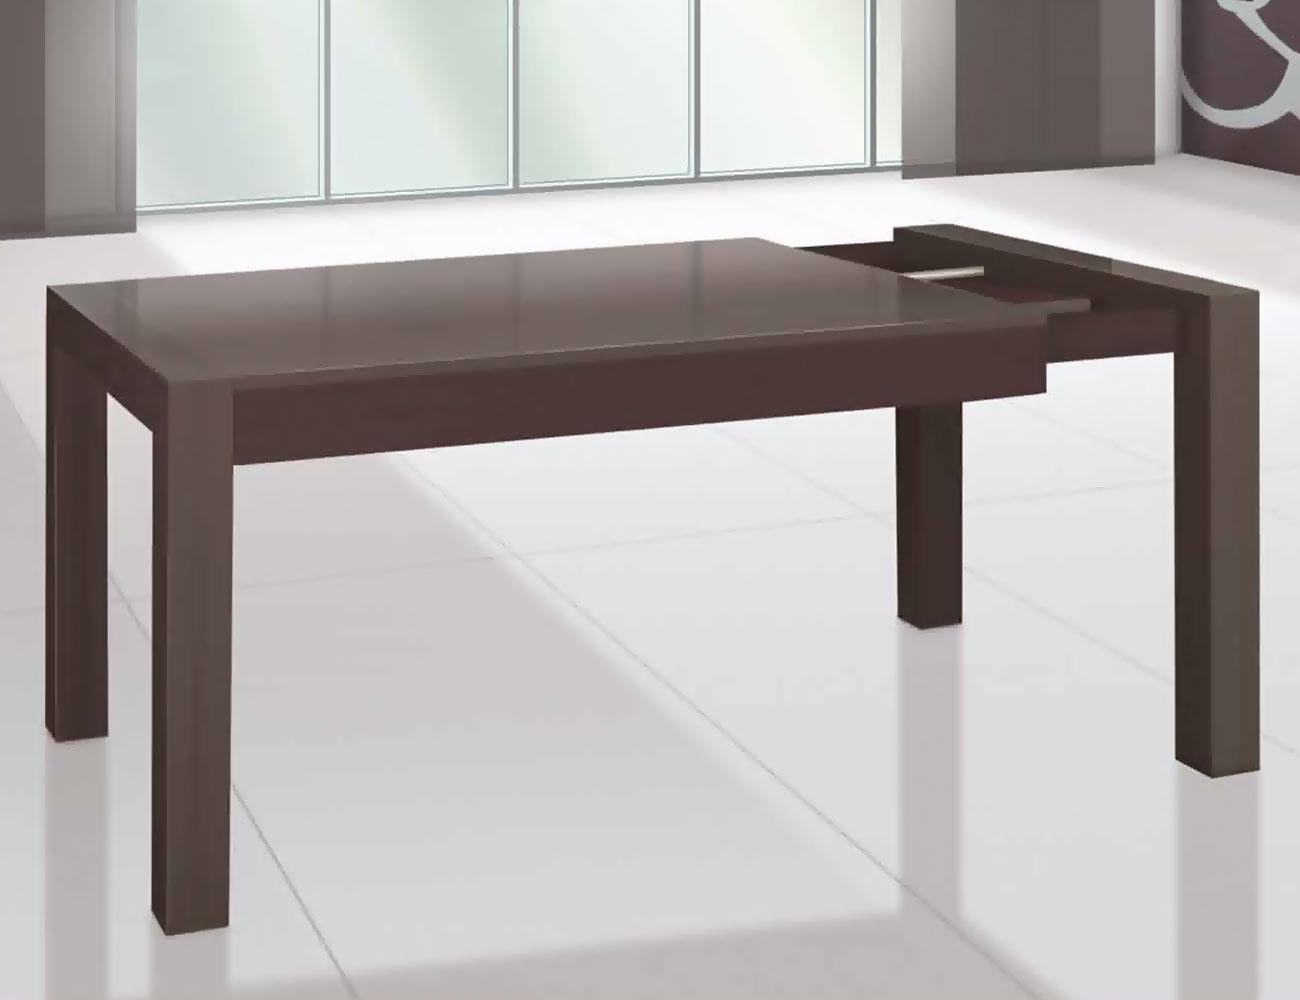 Mesa comedor extensible con carro met lico en madera - Mesas comedor extensibles madera ...